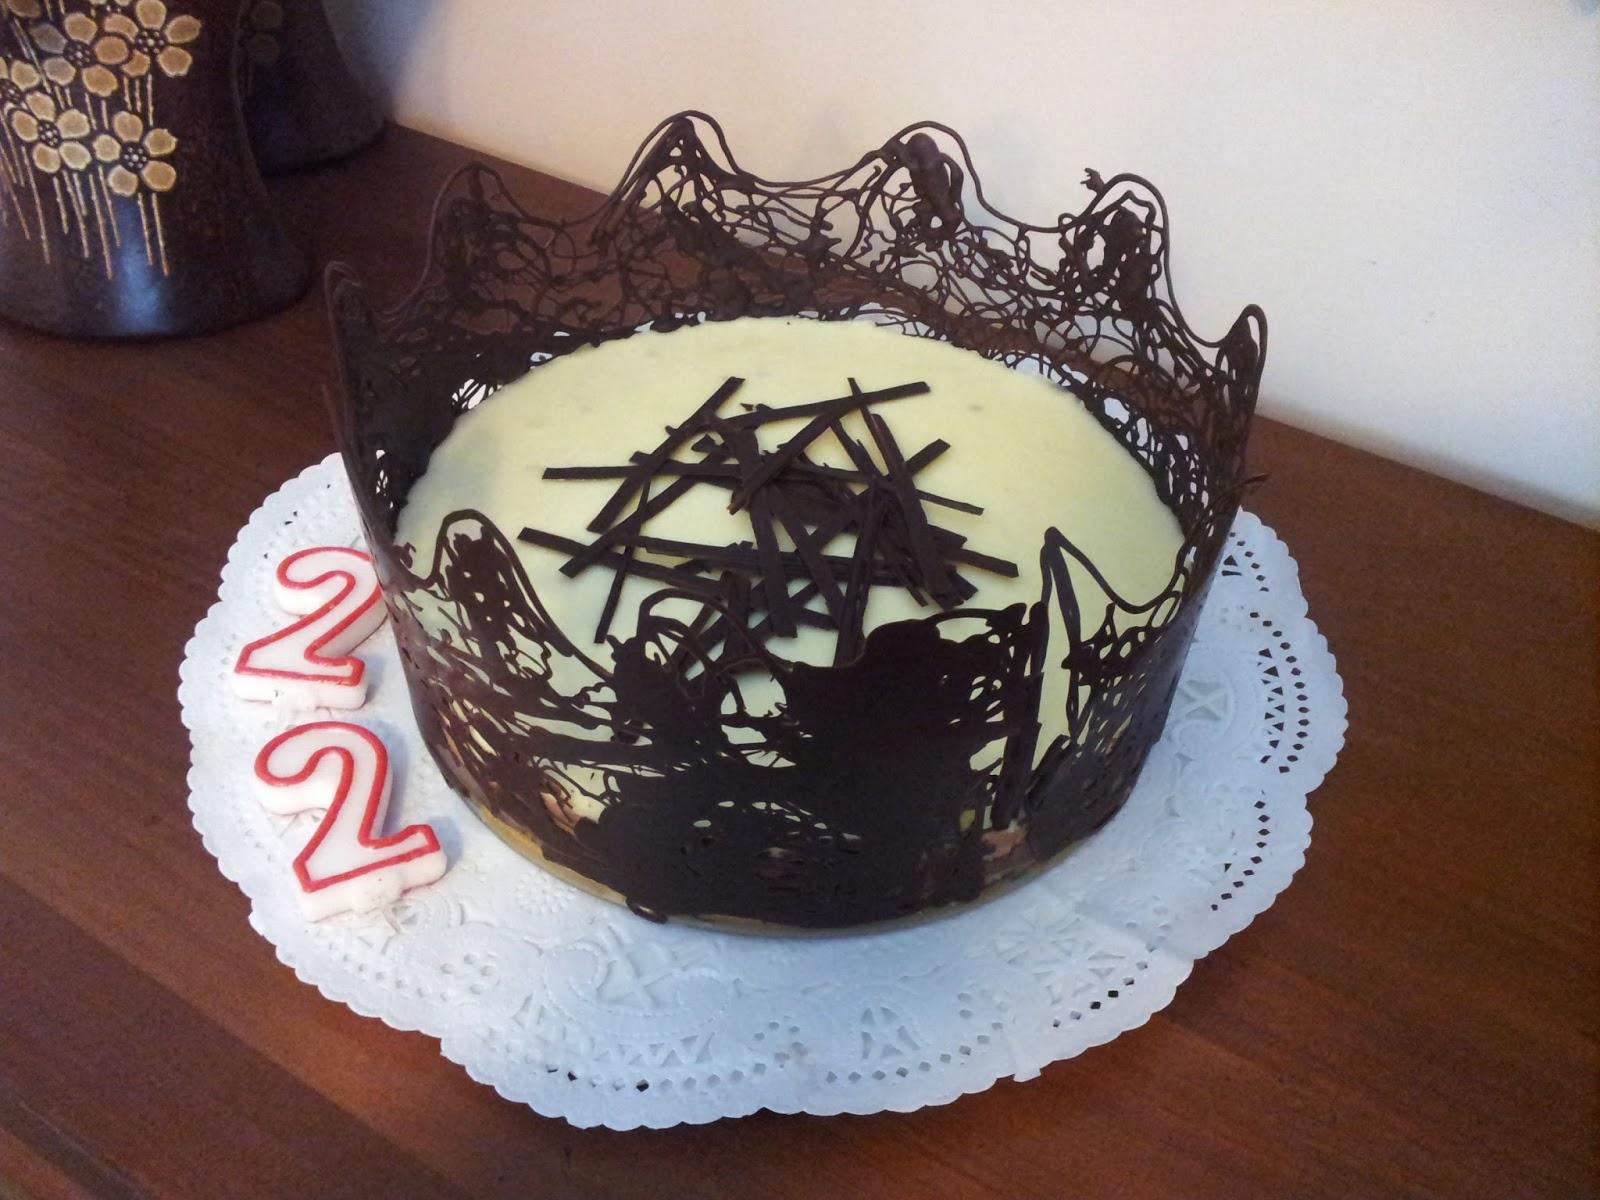 Las cookitas tarta de tres chocolates con decoraci n de chocolate - Decoracion con chocolate ...